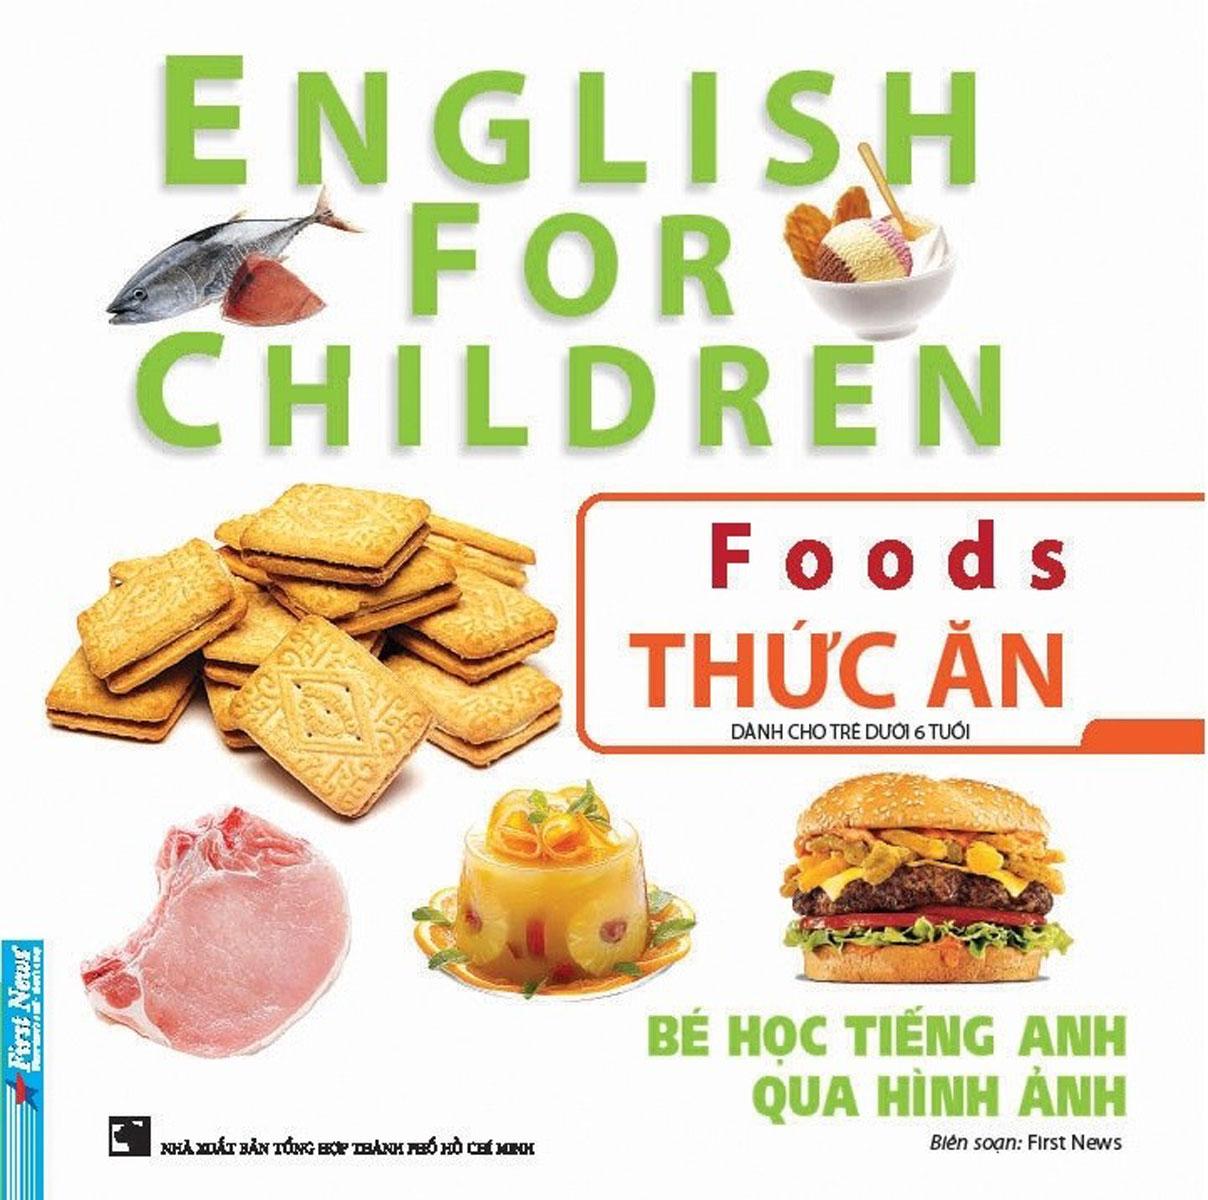 Bé Học Tiếng Anh Qua Hình Ảnh - Thức Ăn